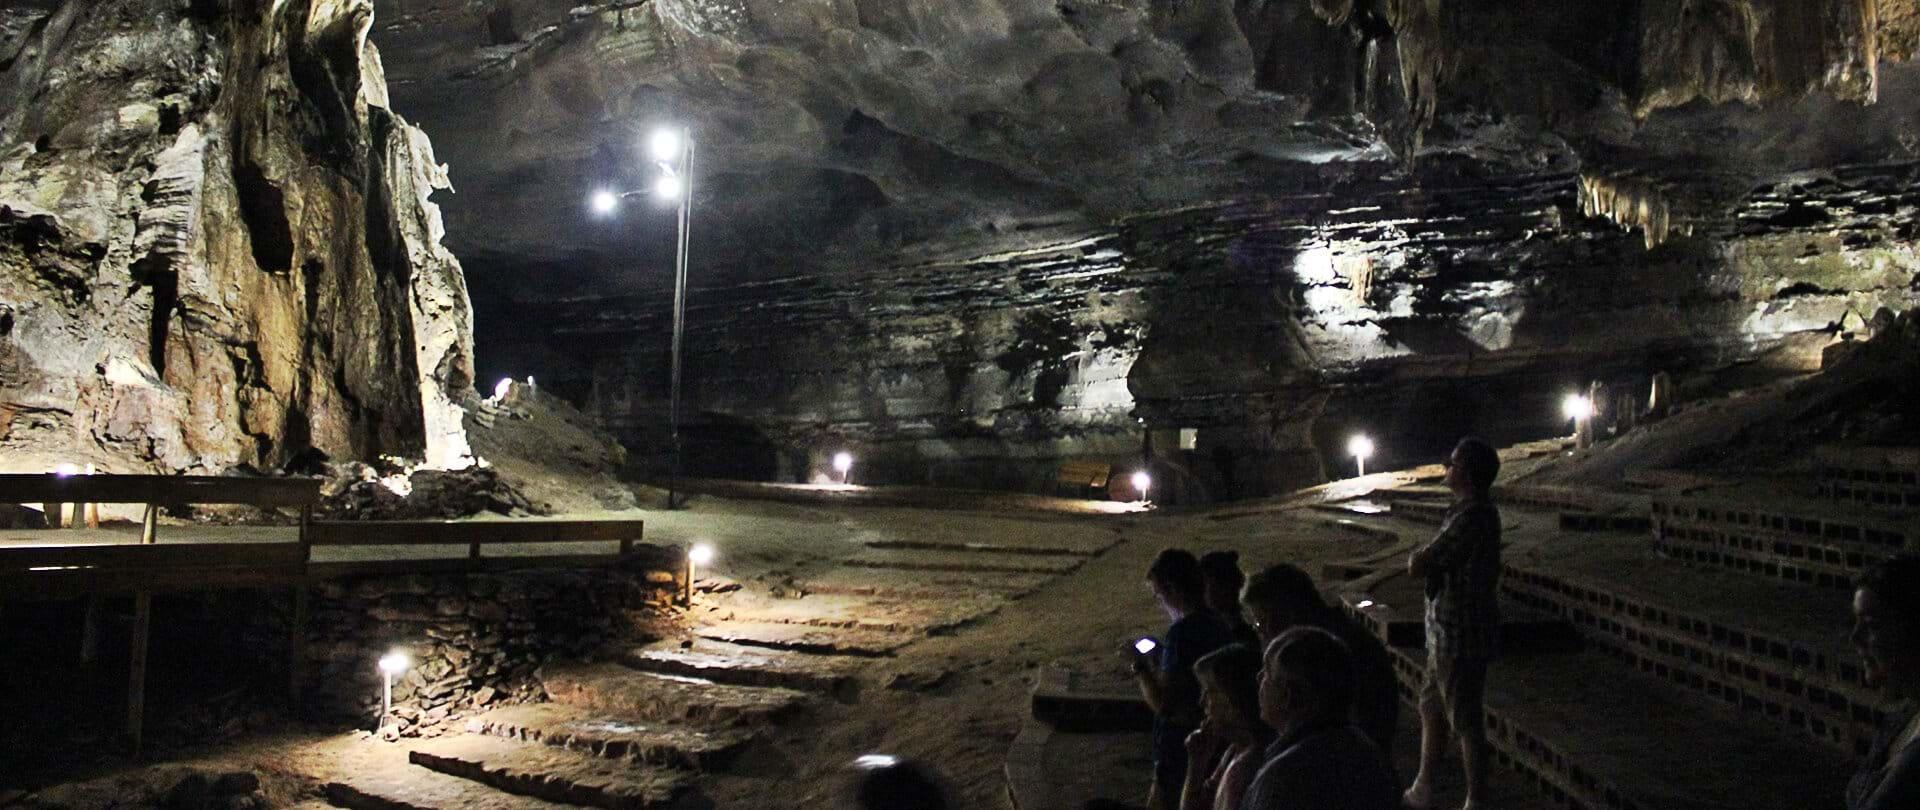 Un viaggio al centro della Terra nelle Grotte di Sudwala | Avventura | Attrazioni | Storia | Percorsi | A buon mercato | Famiglia | Bambini | Mpumalanga | Natura incontaminata (IT)